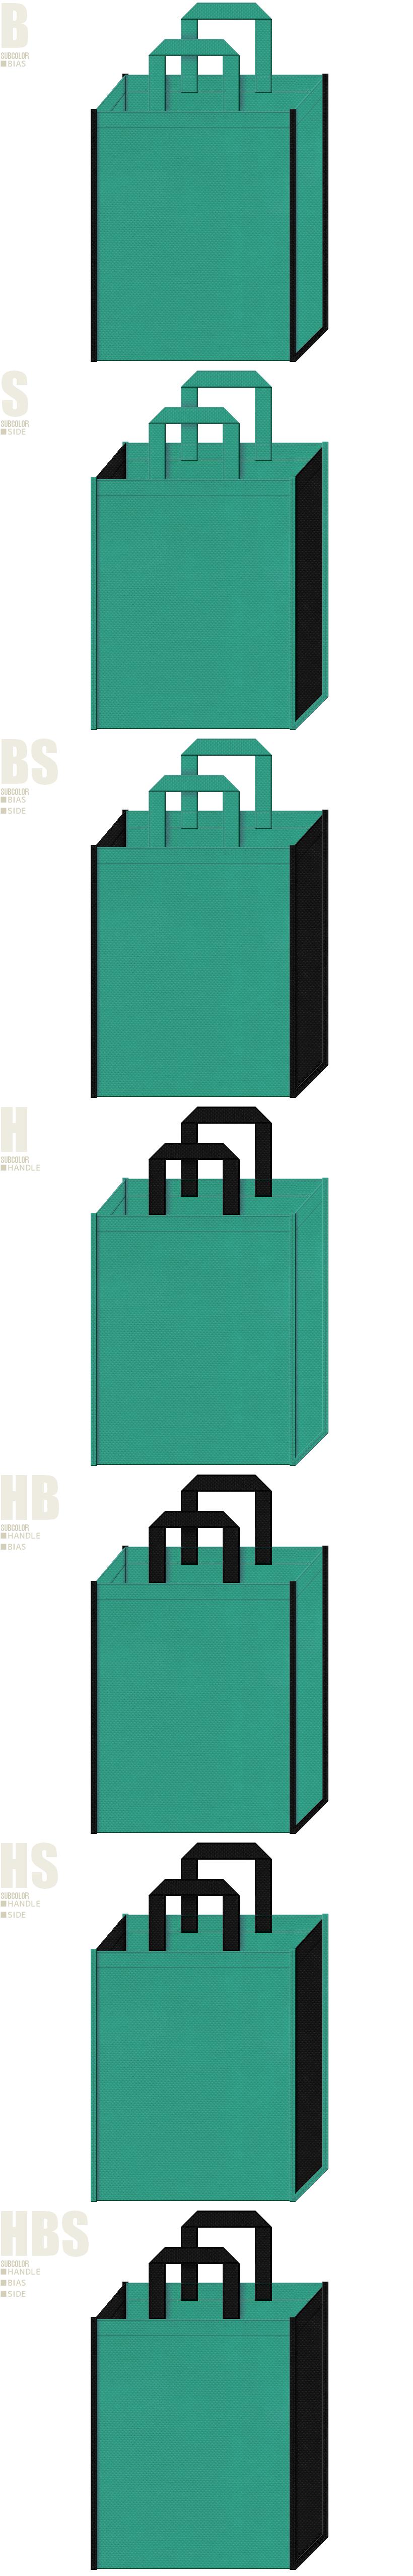 スポーツ用品の展示会用バッグにお奨めの不織布バッグデザイン:青緑色と黒色の不織布バッグ配色7パターン。